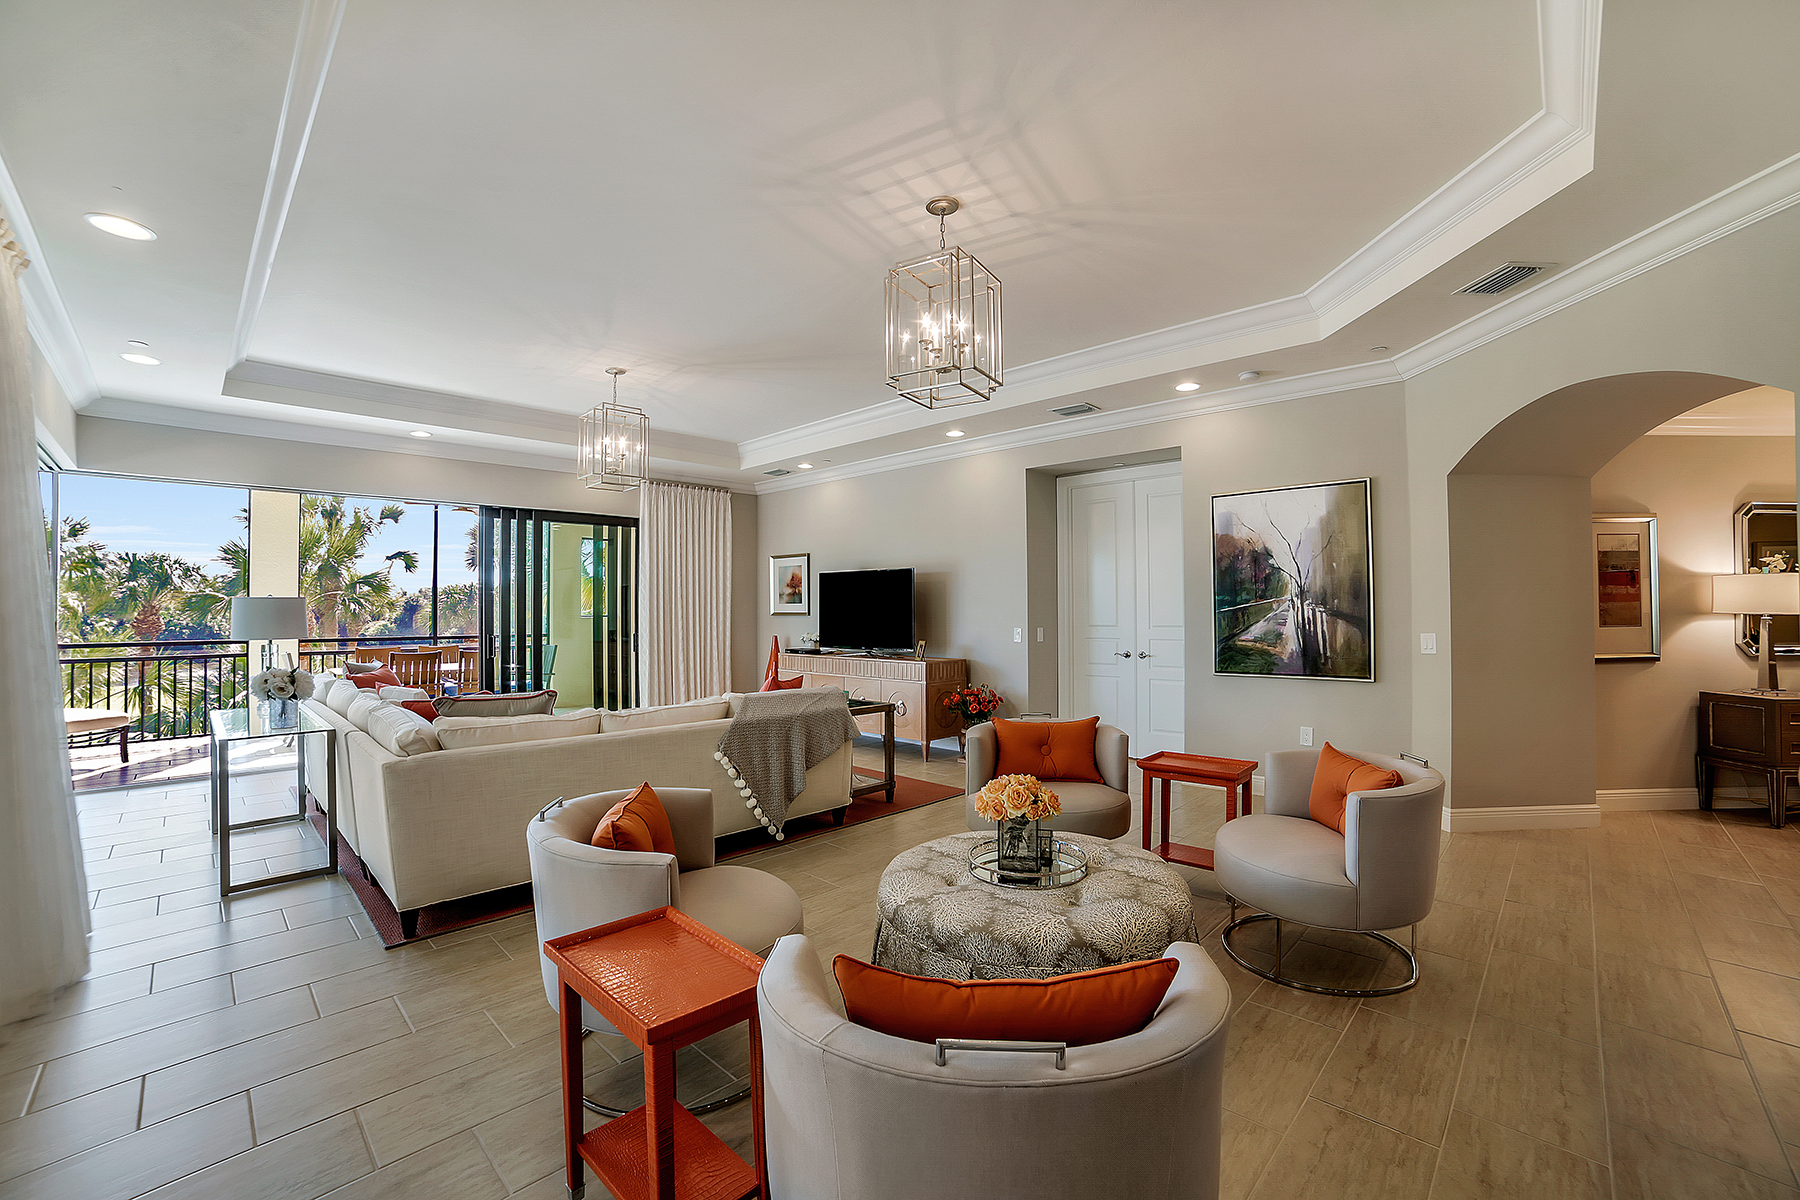 Eigentumswohnung für Verkauf beim CEILO AT THE COLONY 4731 Via Del Corso Ln 102 Bonita Springs, Florida, 34134 Vereinigte Staaten